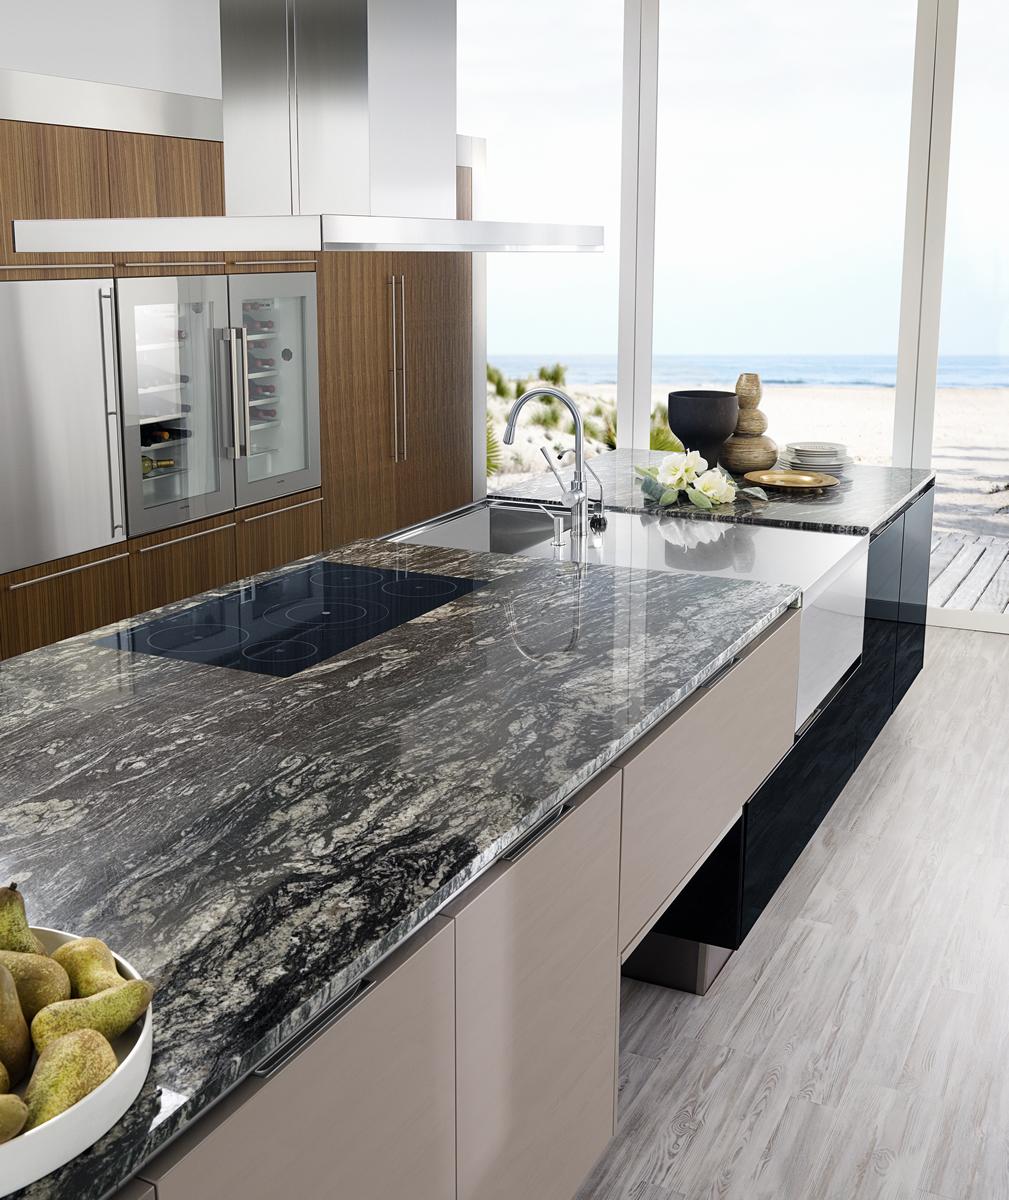 Kuher encimeras de cocina en zaragoza silestone compac - Colores de granito para encimeras de cocina ...